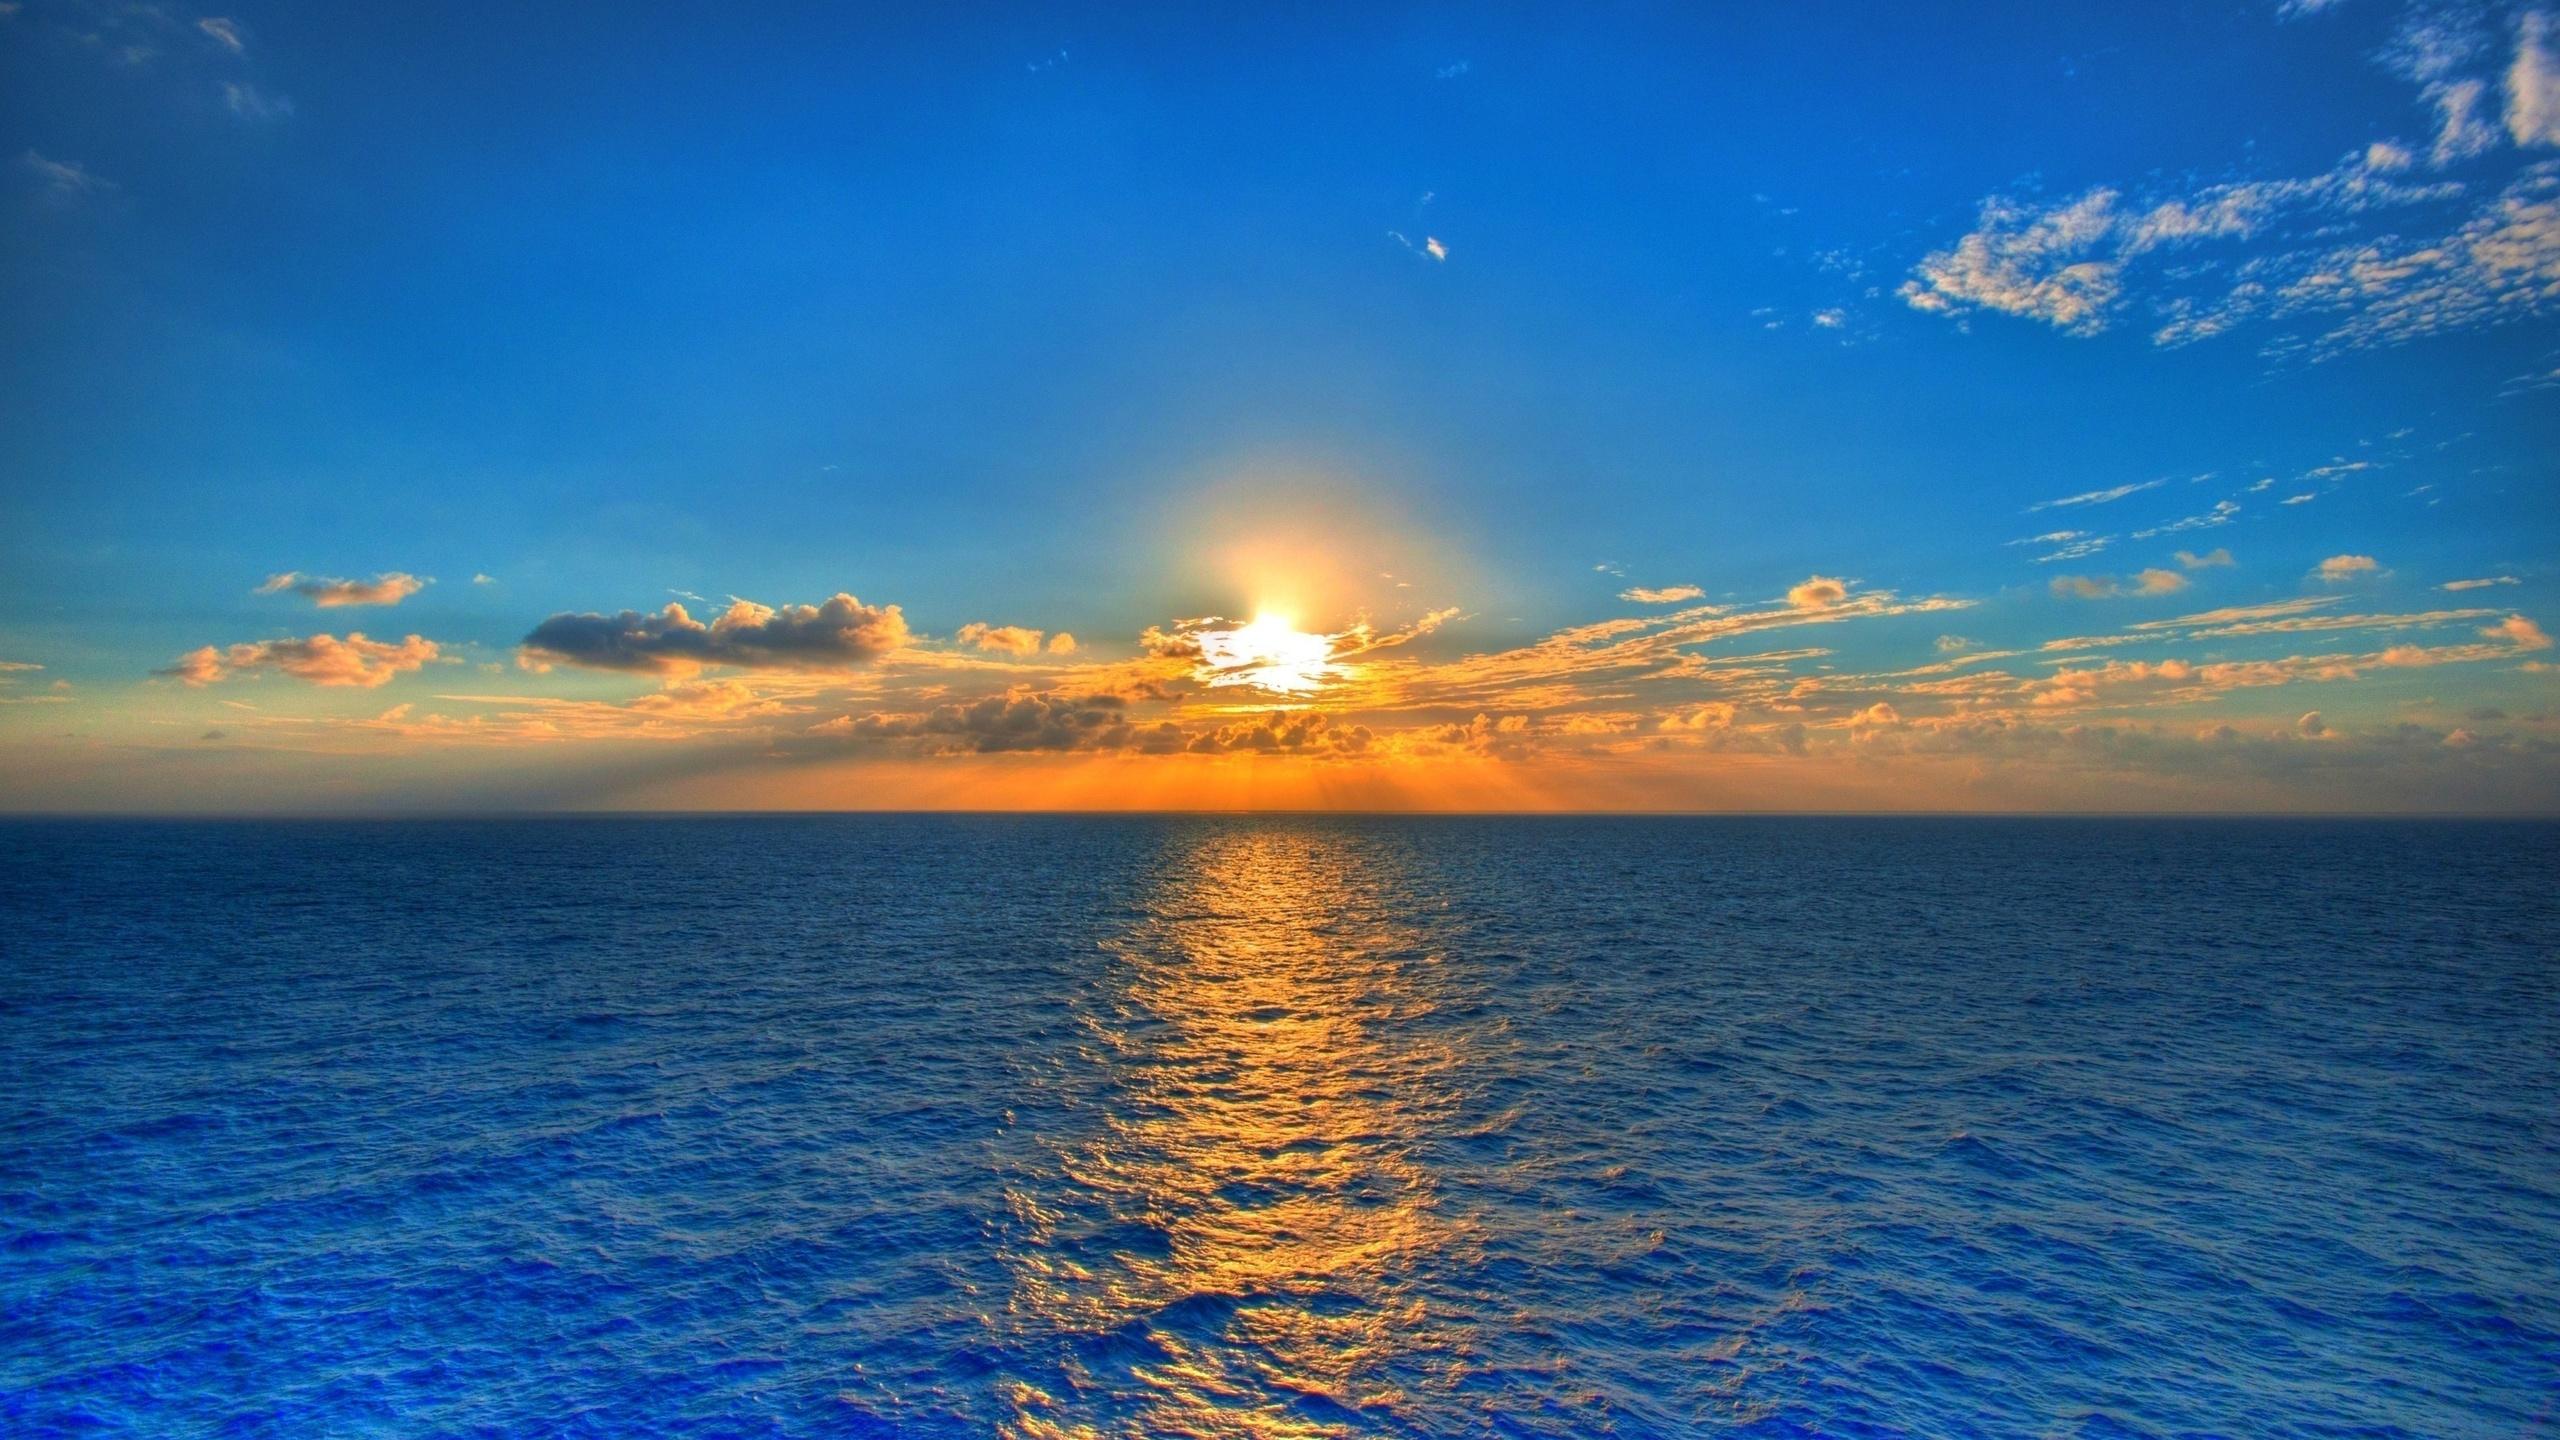 beautiful sea hdwallpaper!